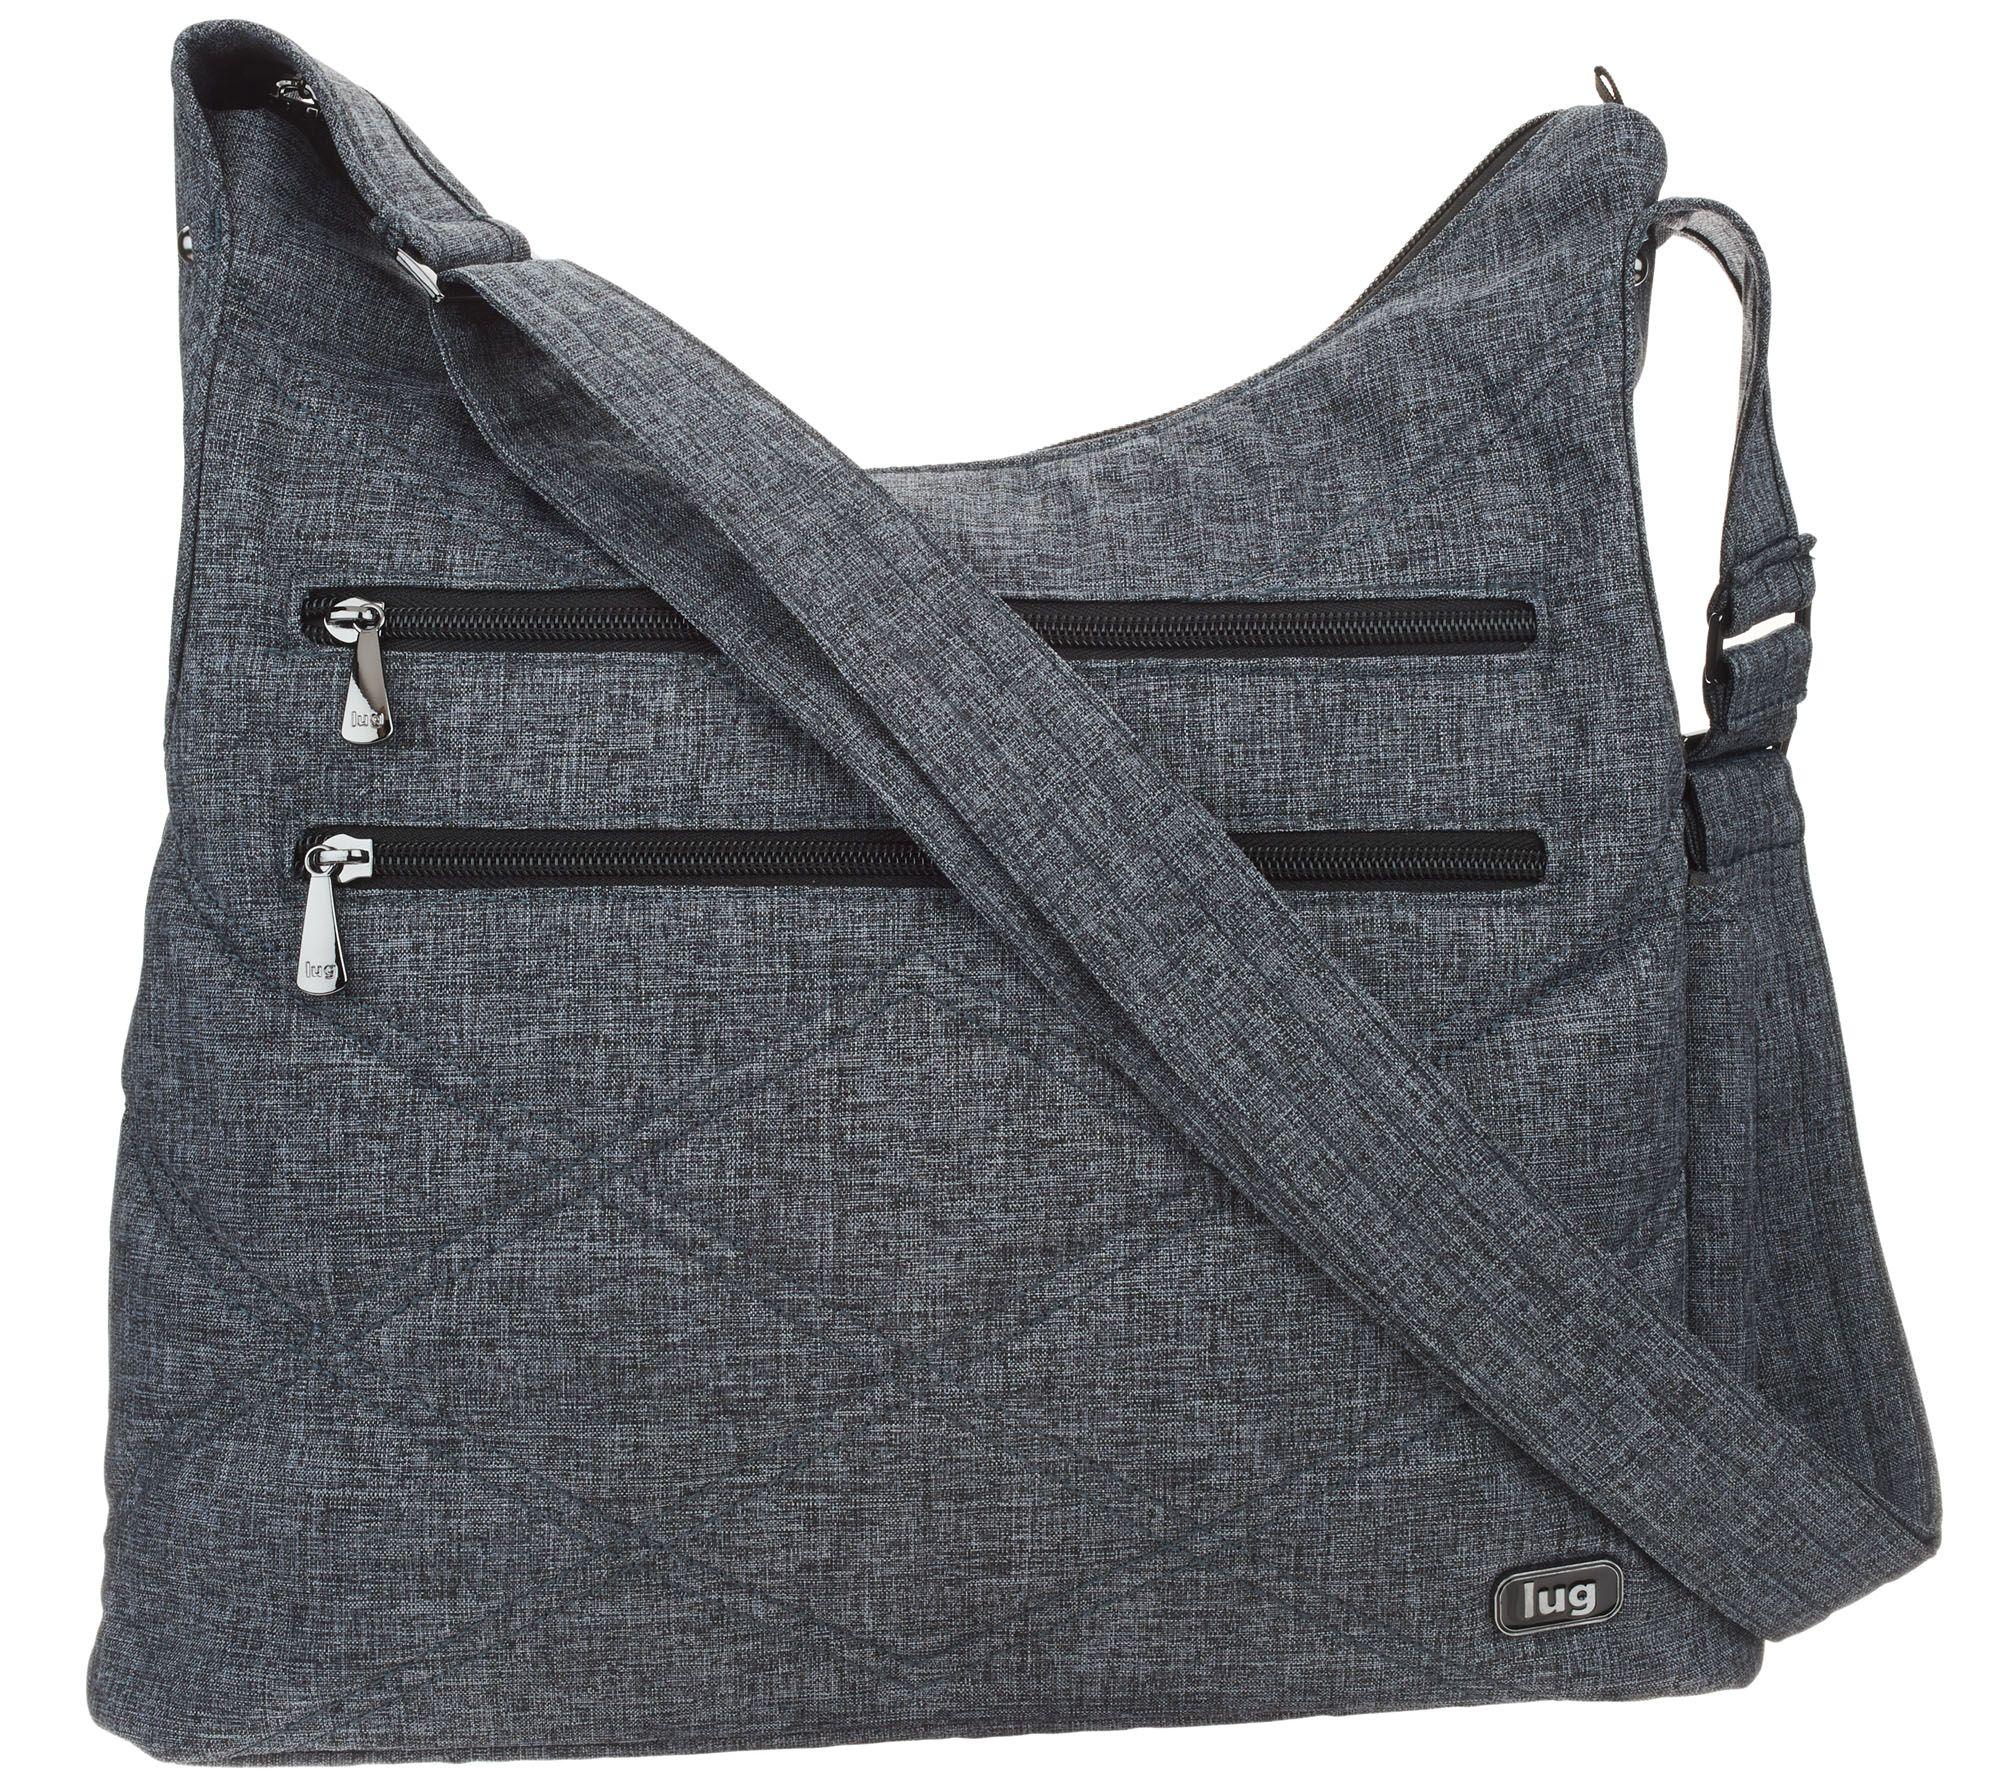 lug travel bags for women handbags luggage qvc